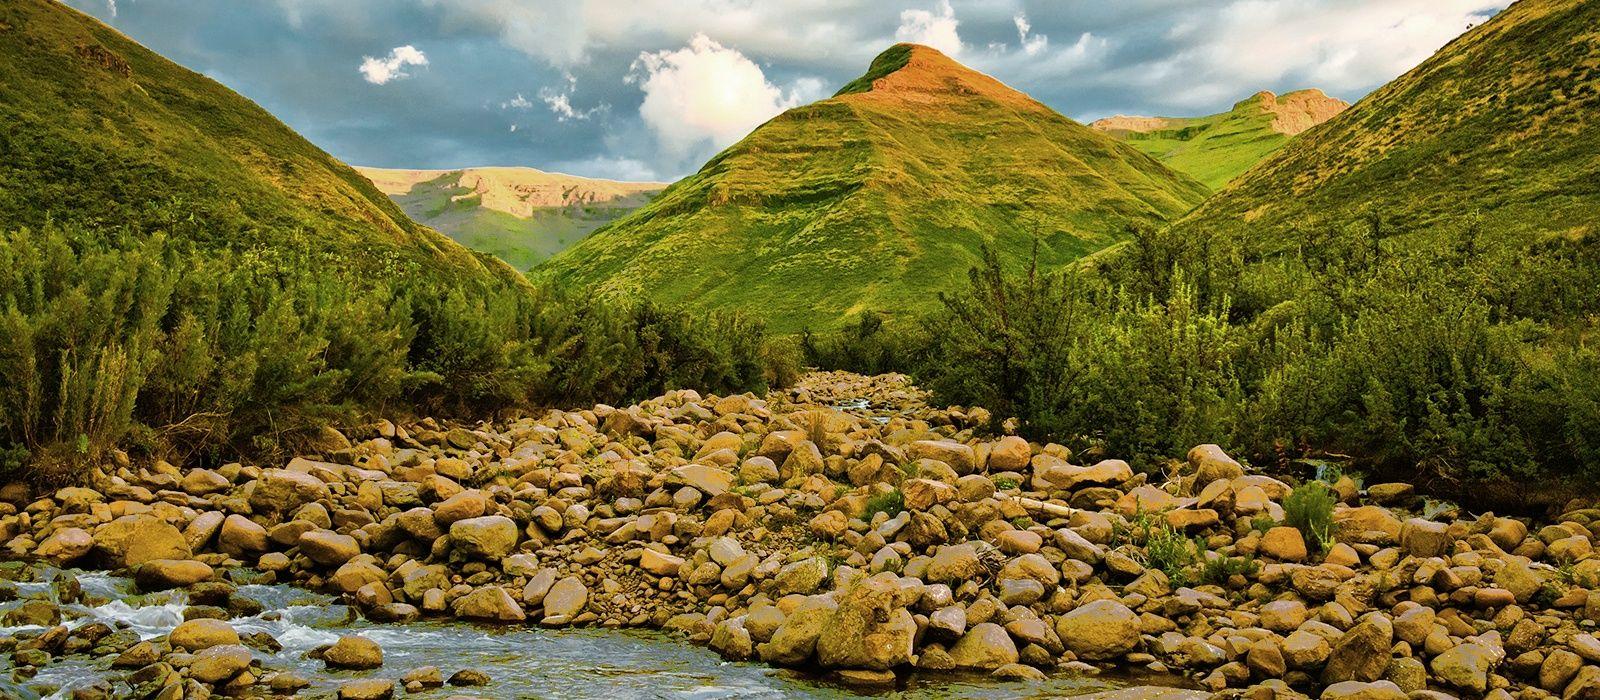 Wanderparadies Südliches Afrika: Abenteuerurlaub zu Fuß und zu Pferd Urlaub 4